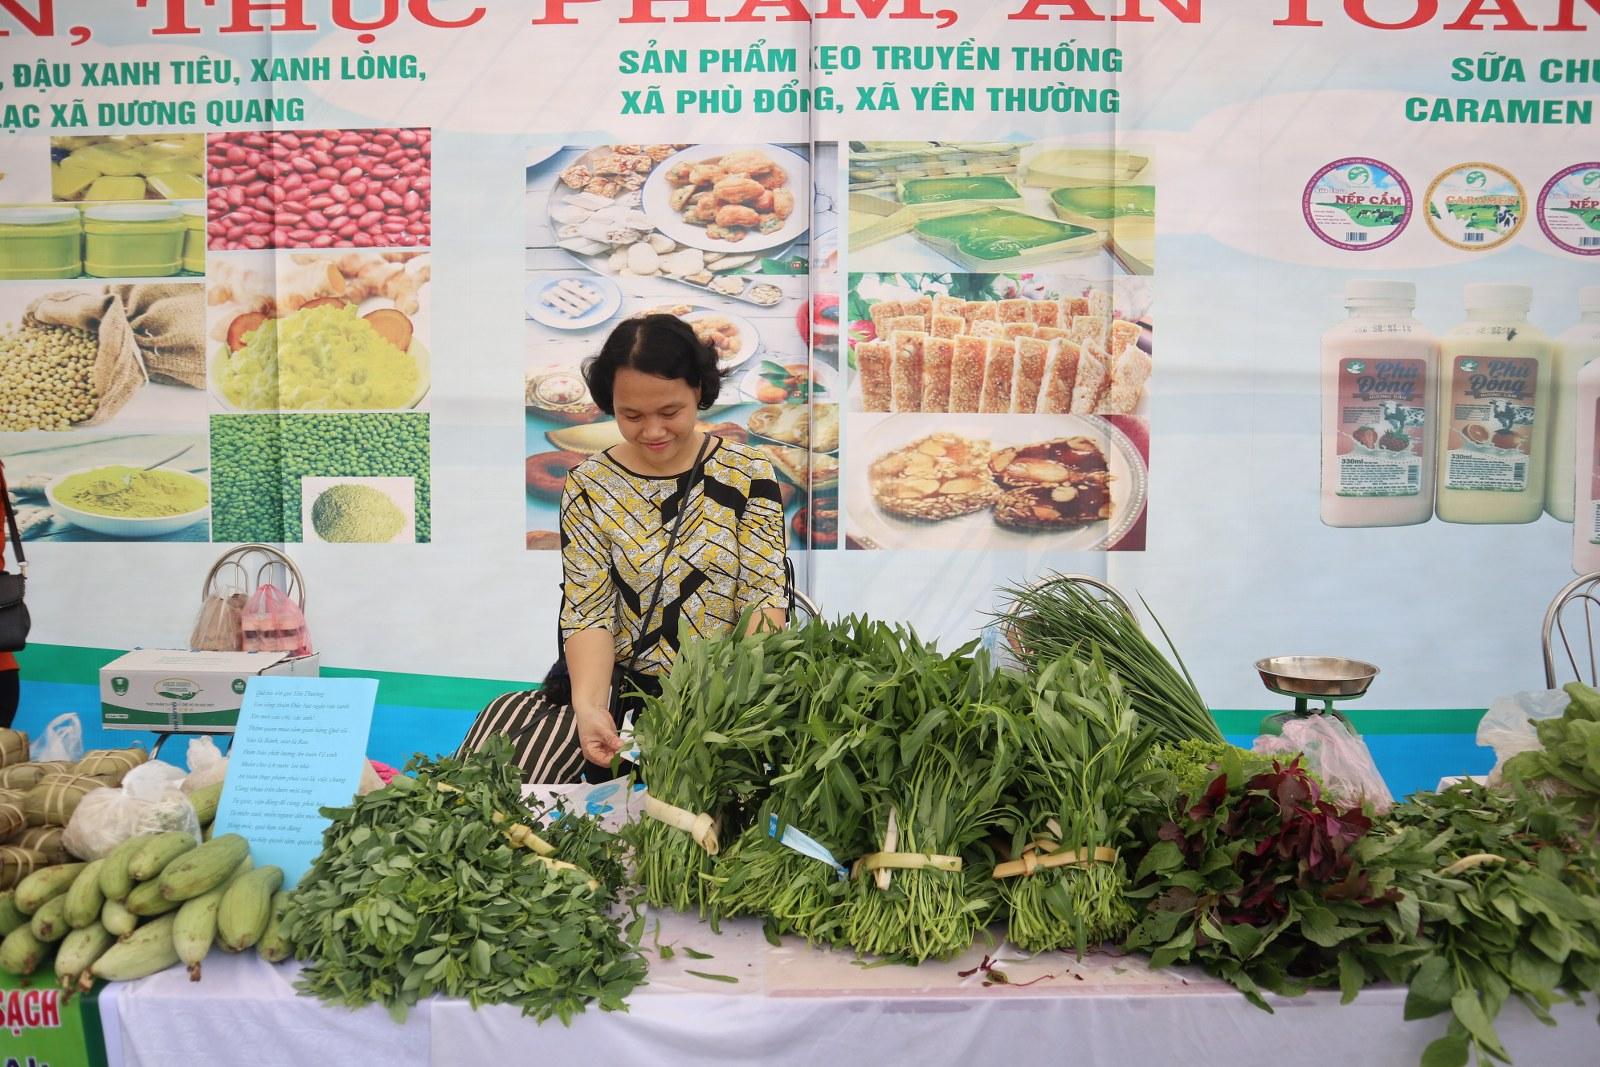 Những người làm ra thực phẩm sạch luôn mong muốn có được vị trí cũng như thương hiệu để quảng bá sản phẩm đến người tiêu dùng.